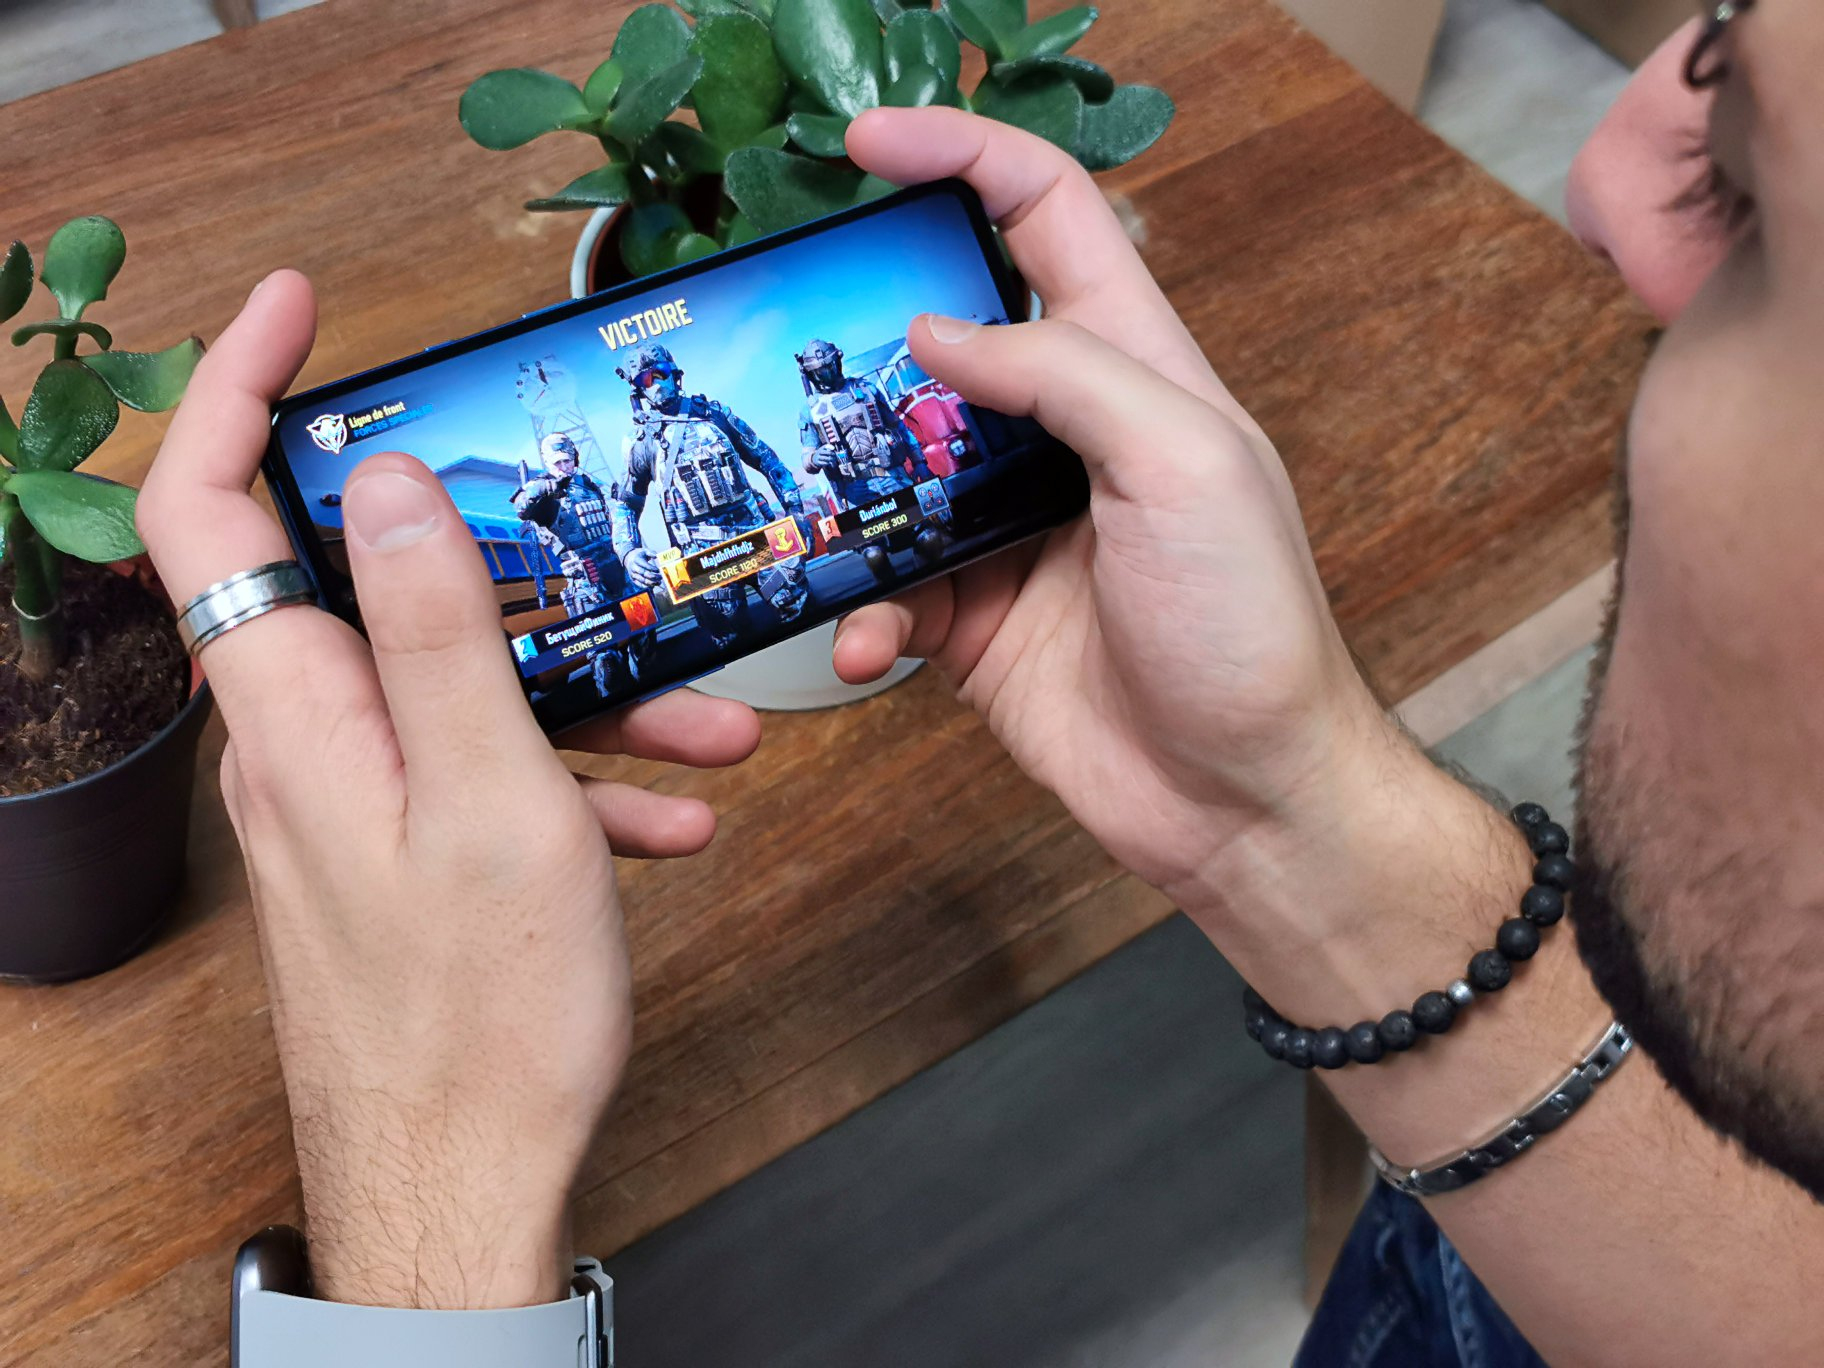 Les Meilleurs Fps Et Tps (Jeux De Tir) Sur Android Et Iphone destiné Jeux De Fille De Telephone